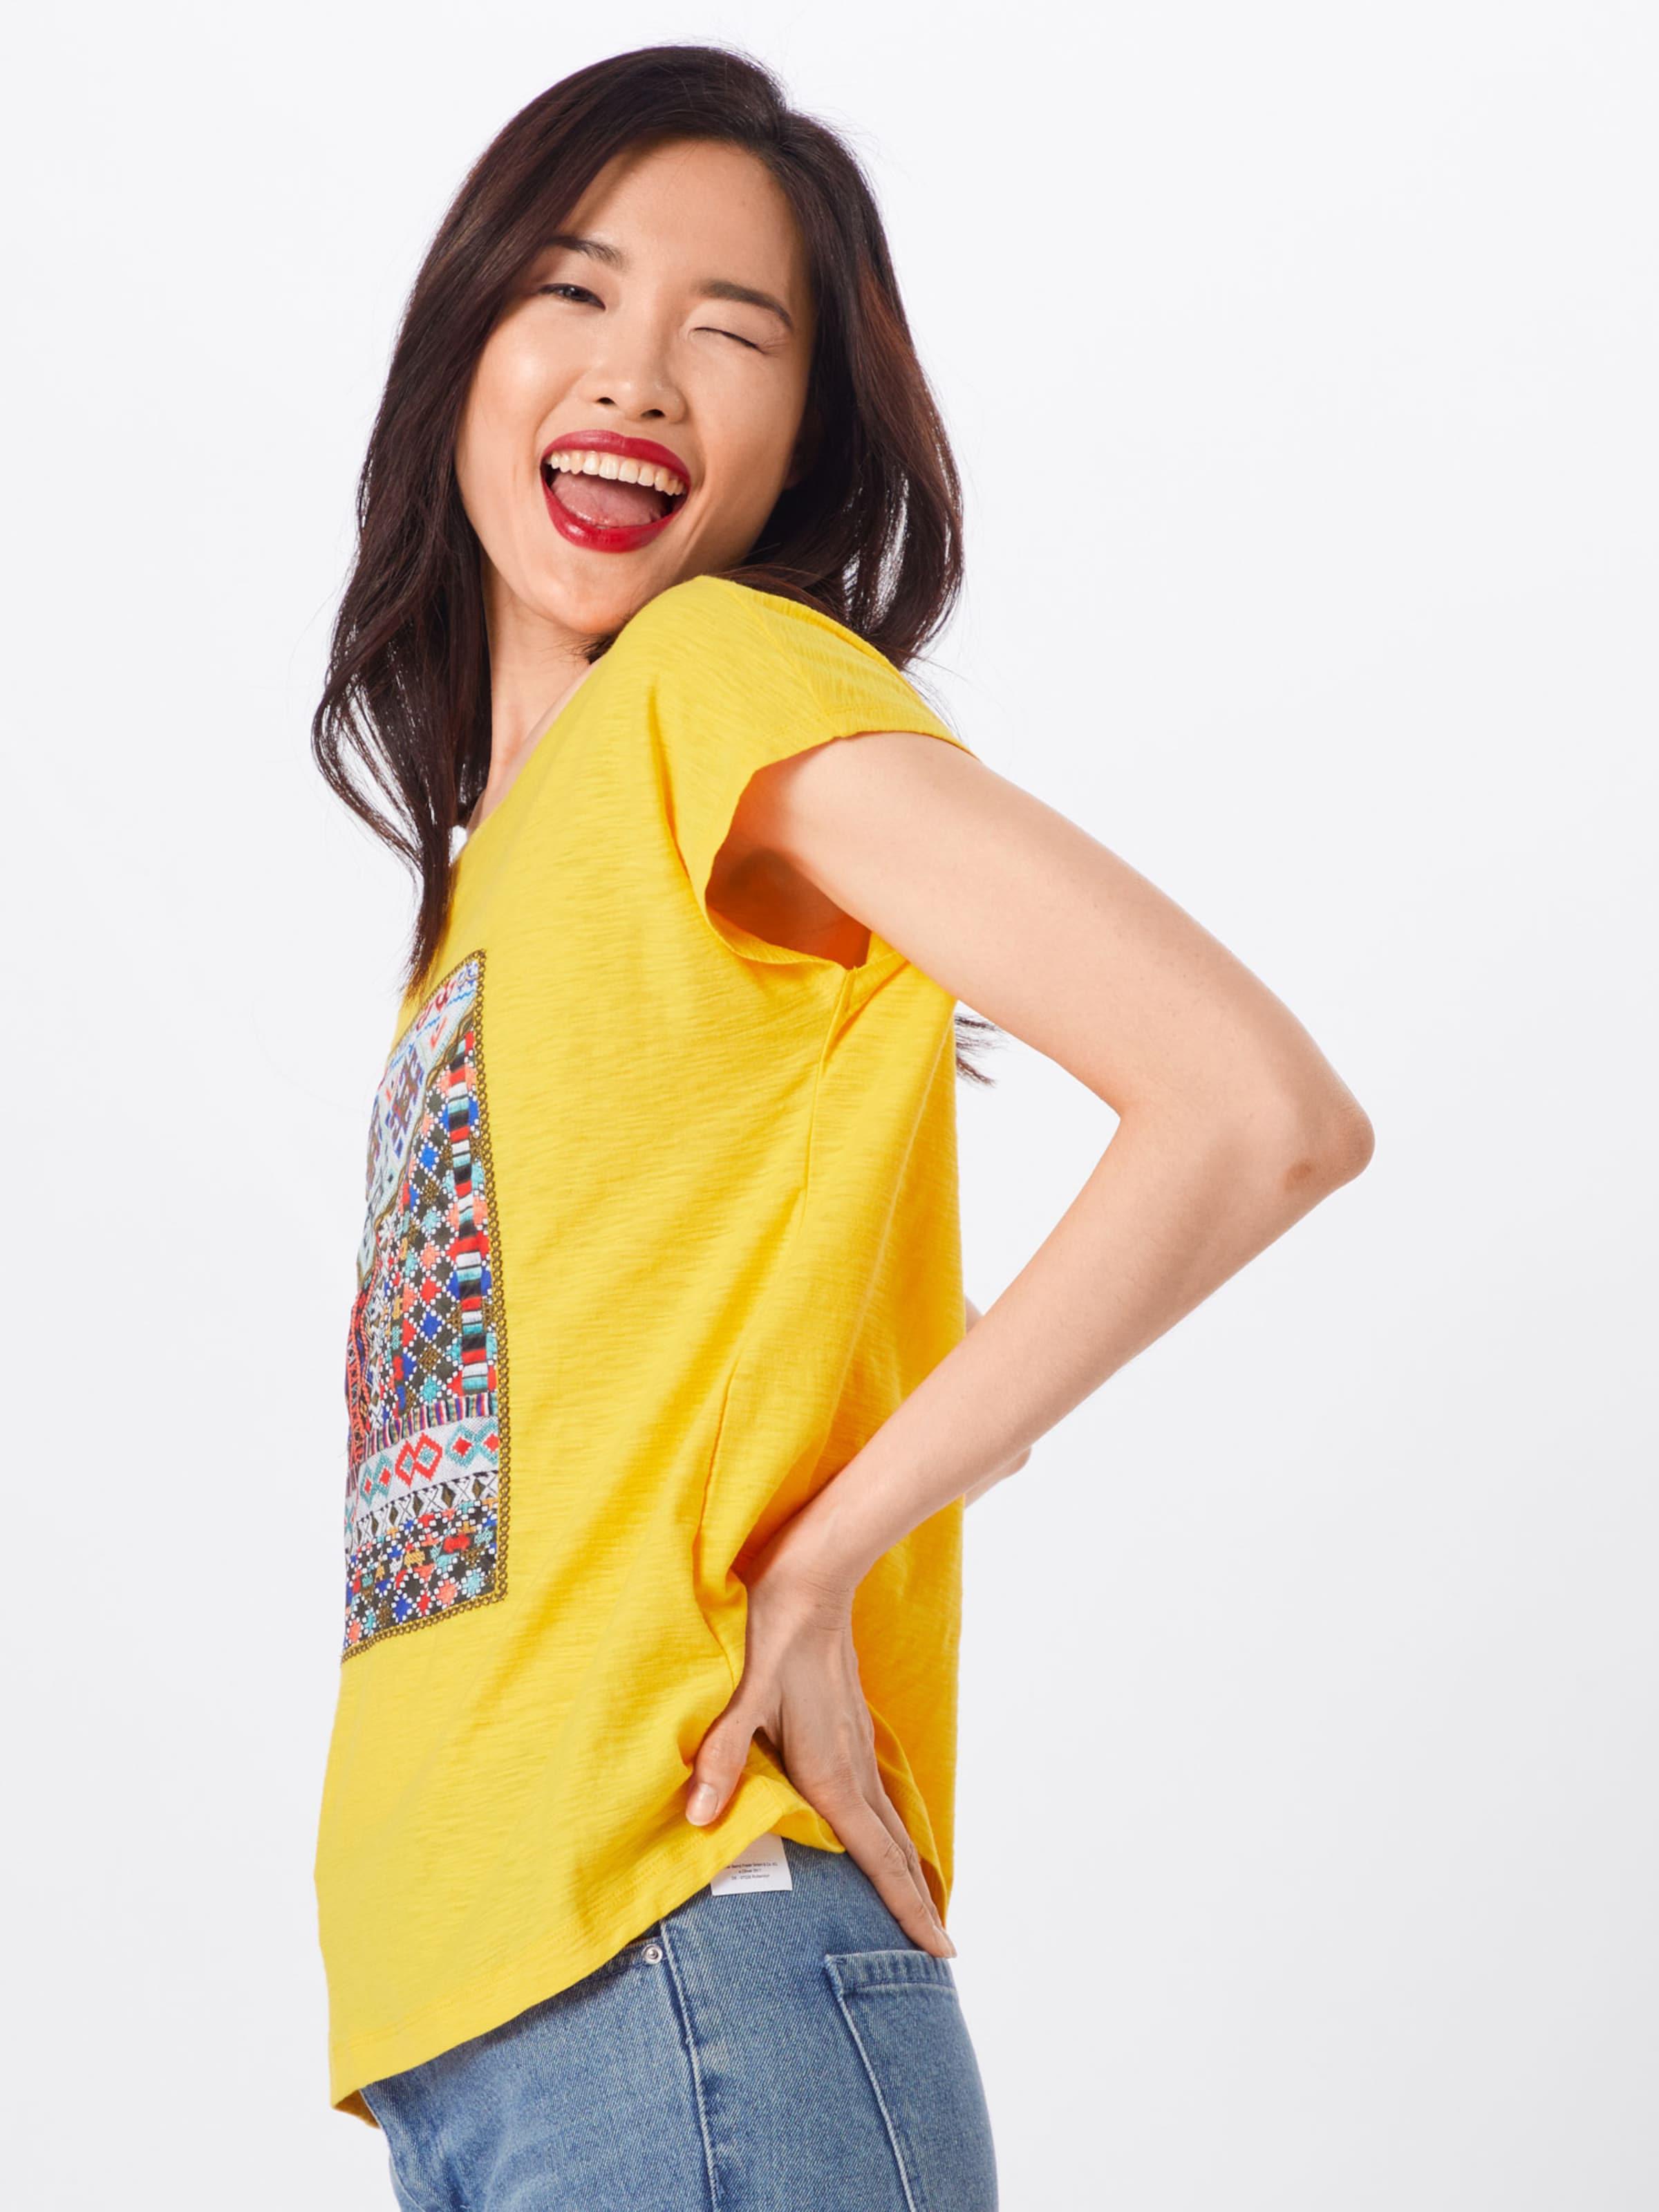 S En oliver Red Label JauneMélange shirt De T Couleurs 45Ac3LjRq